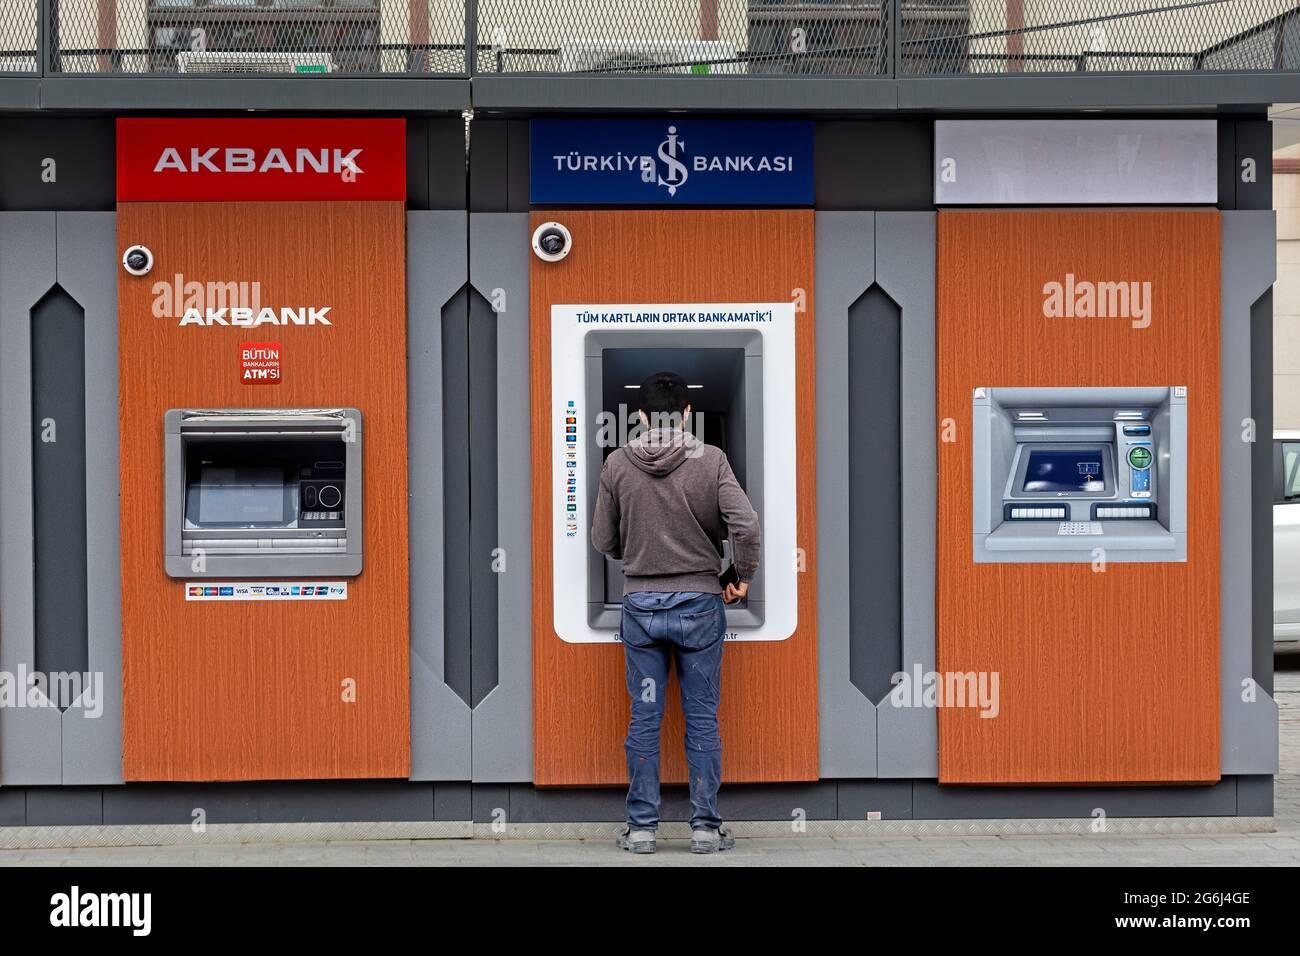 Hombre con vestido casual delante de Akbank, banco Isbank ATM s, retirada de dinero. Karakoy, Estambul - Turquía. Foto de stock